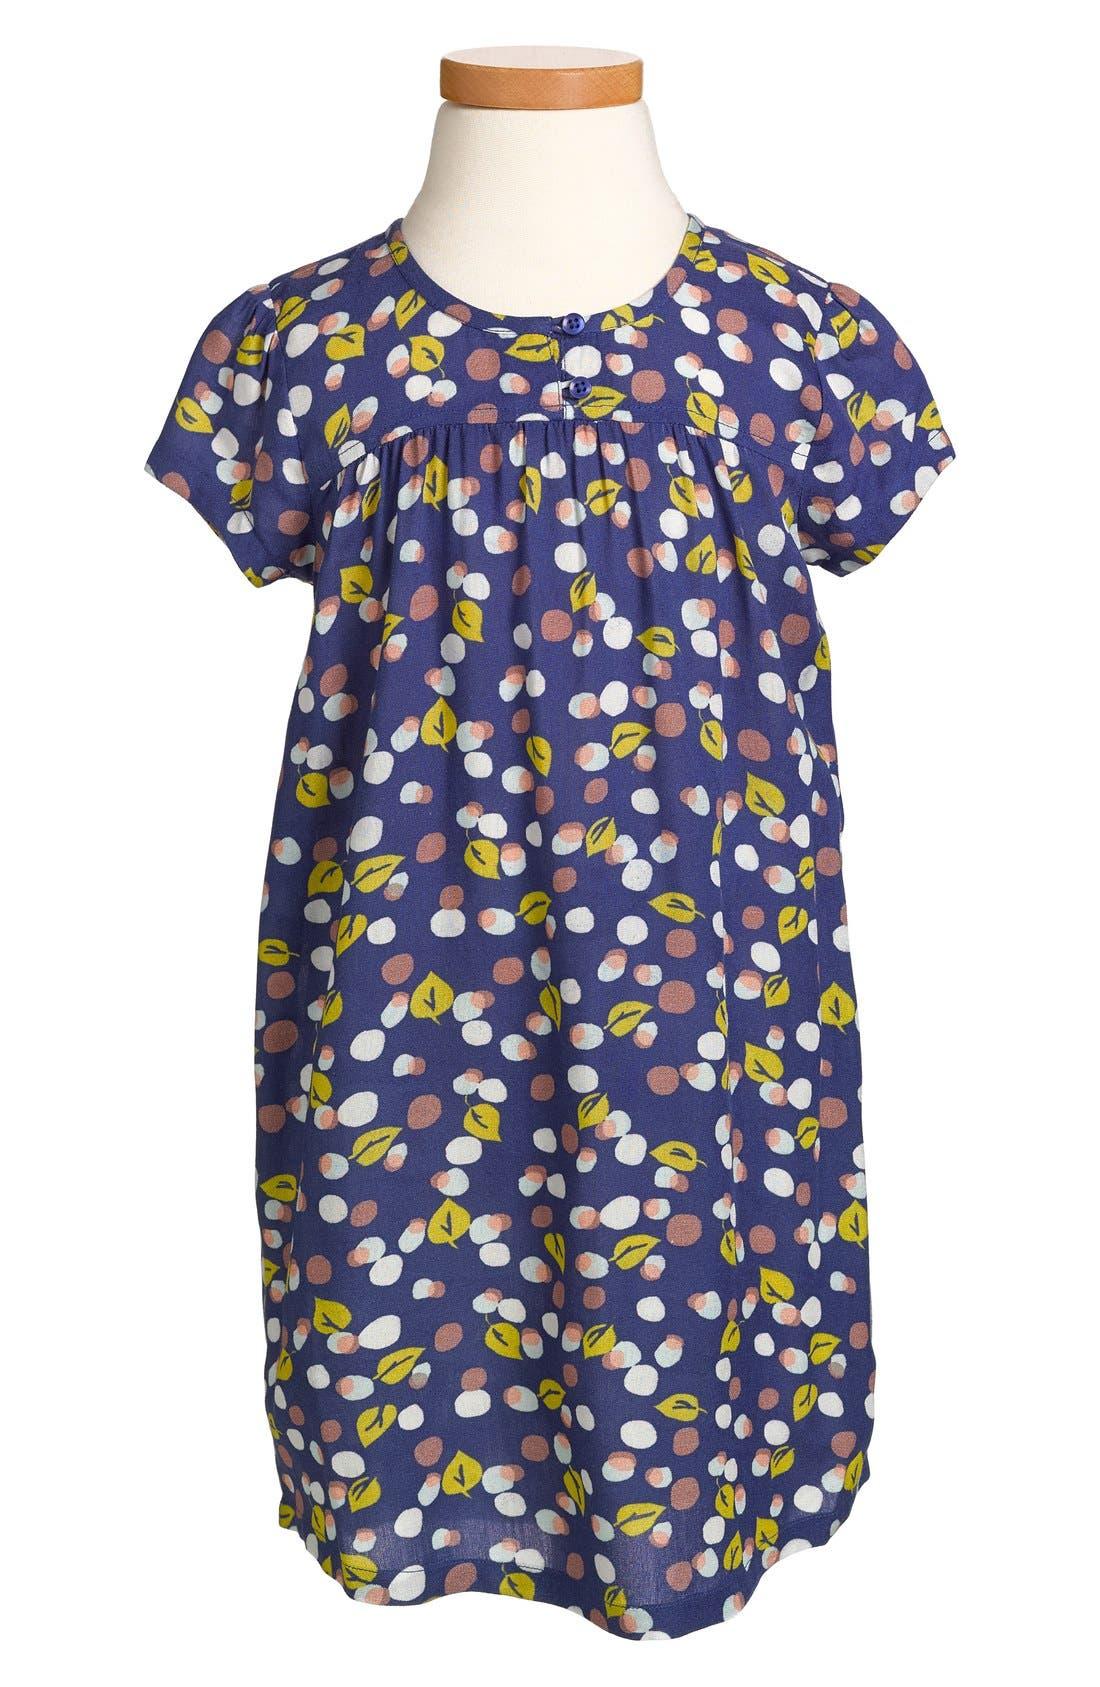 Main Image - Tucker + Tate 'Akira' Floral Print Dress (Toddler Girls, Little Girls & Big Girls)